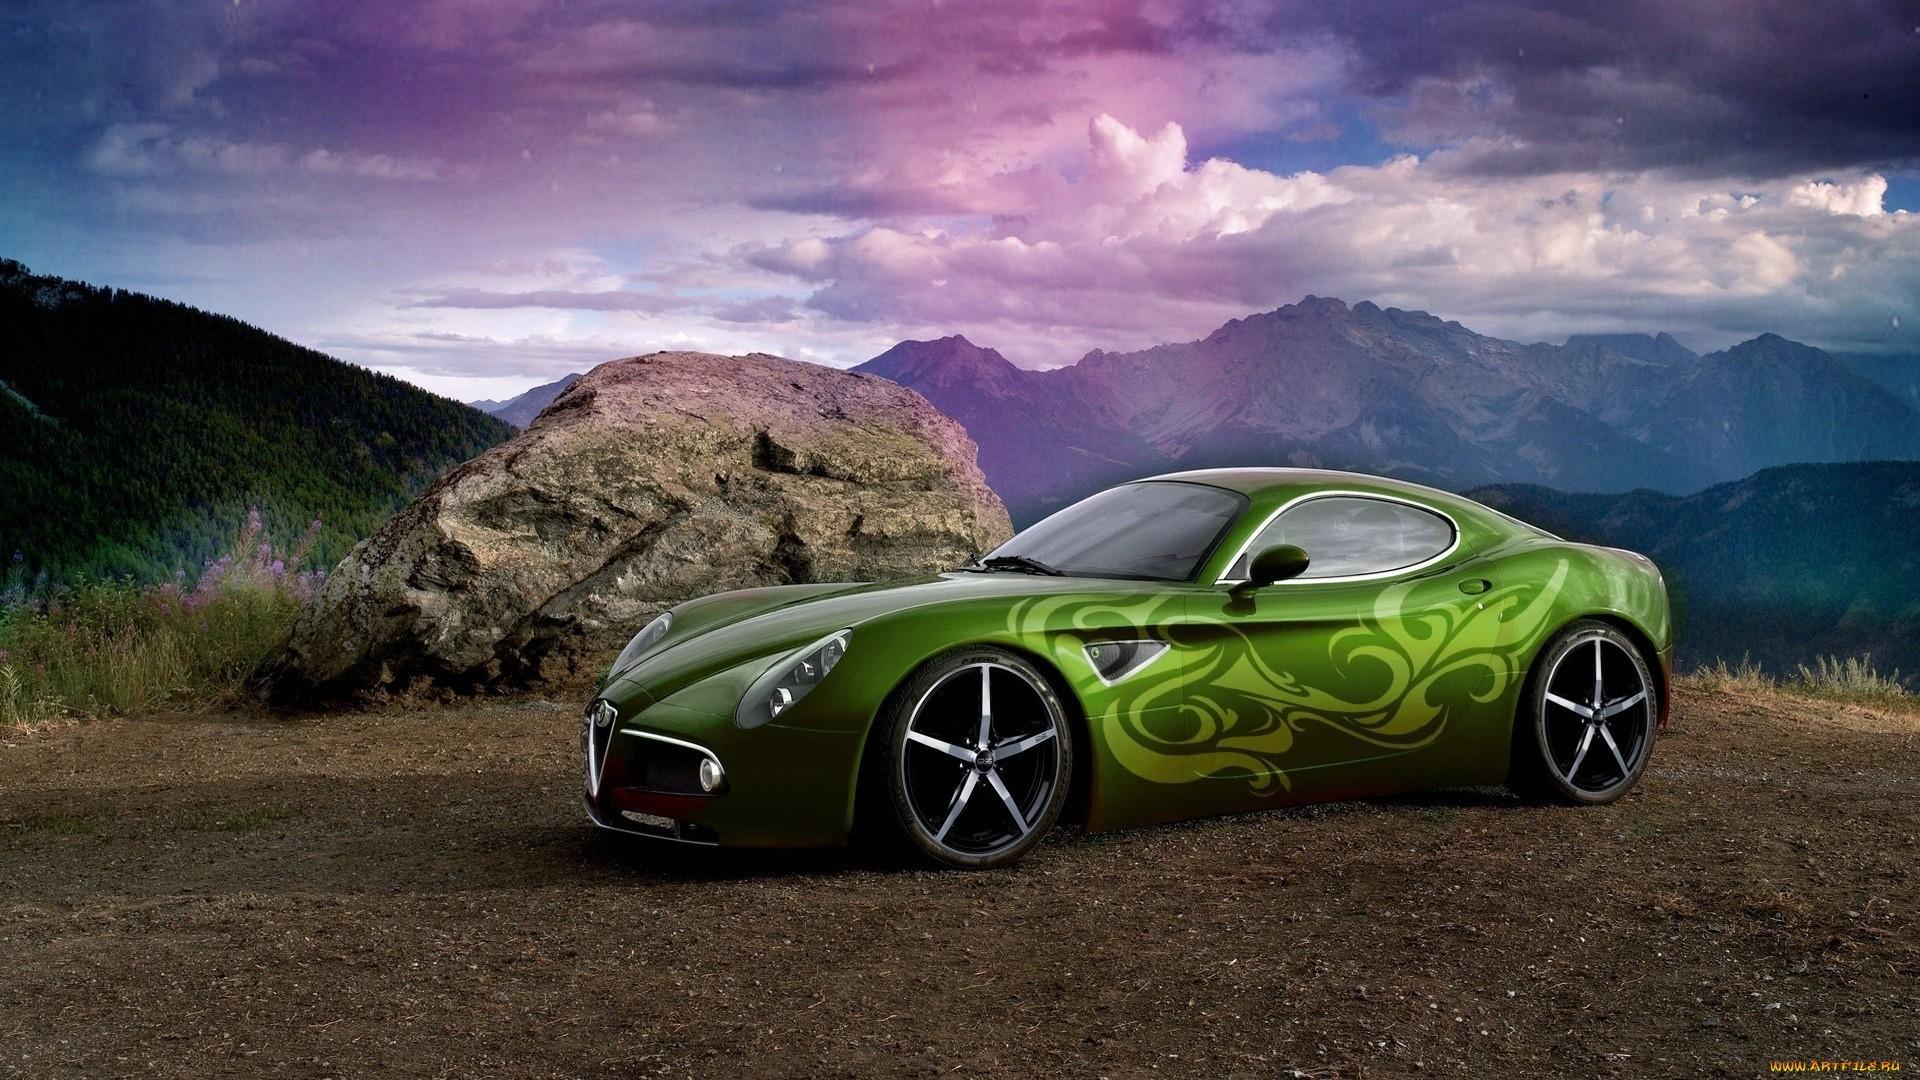 23489 скачать обои Транспорт, Машины, Тюнинг, Альфа Ромео (Alfa Romeo) - заставки и картинки бесплатно